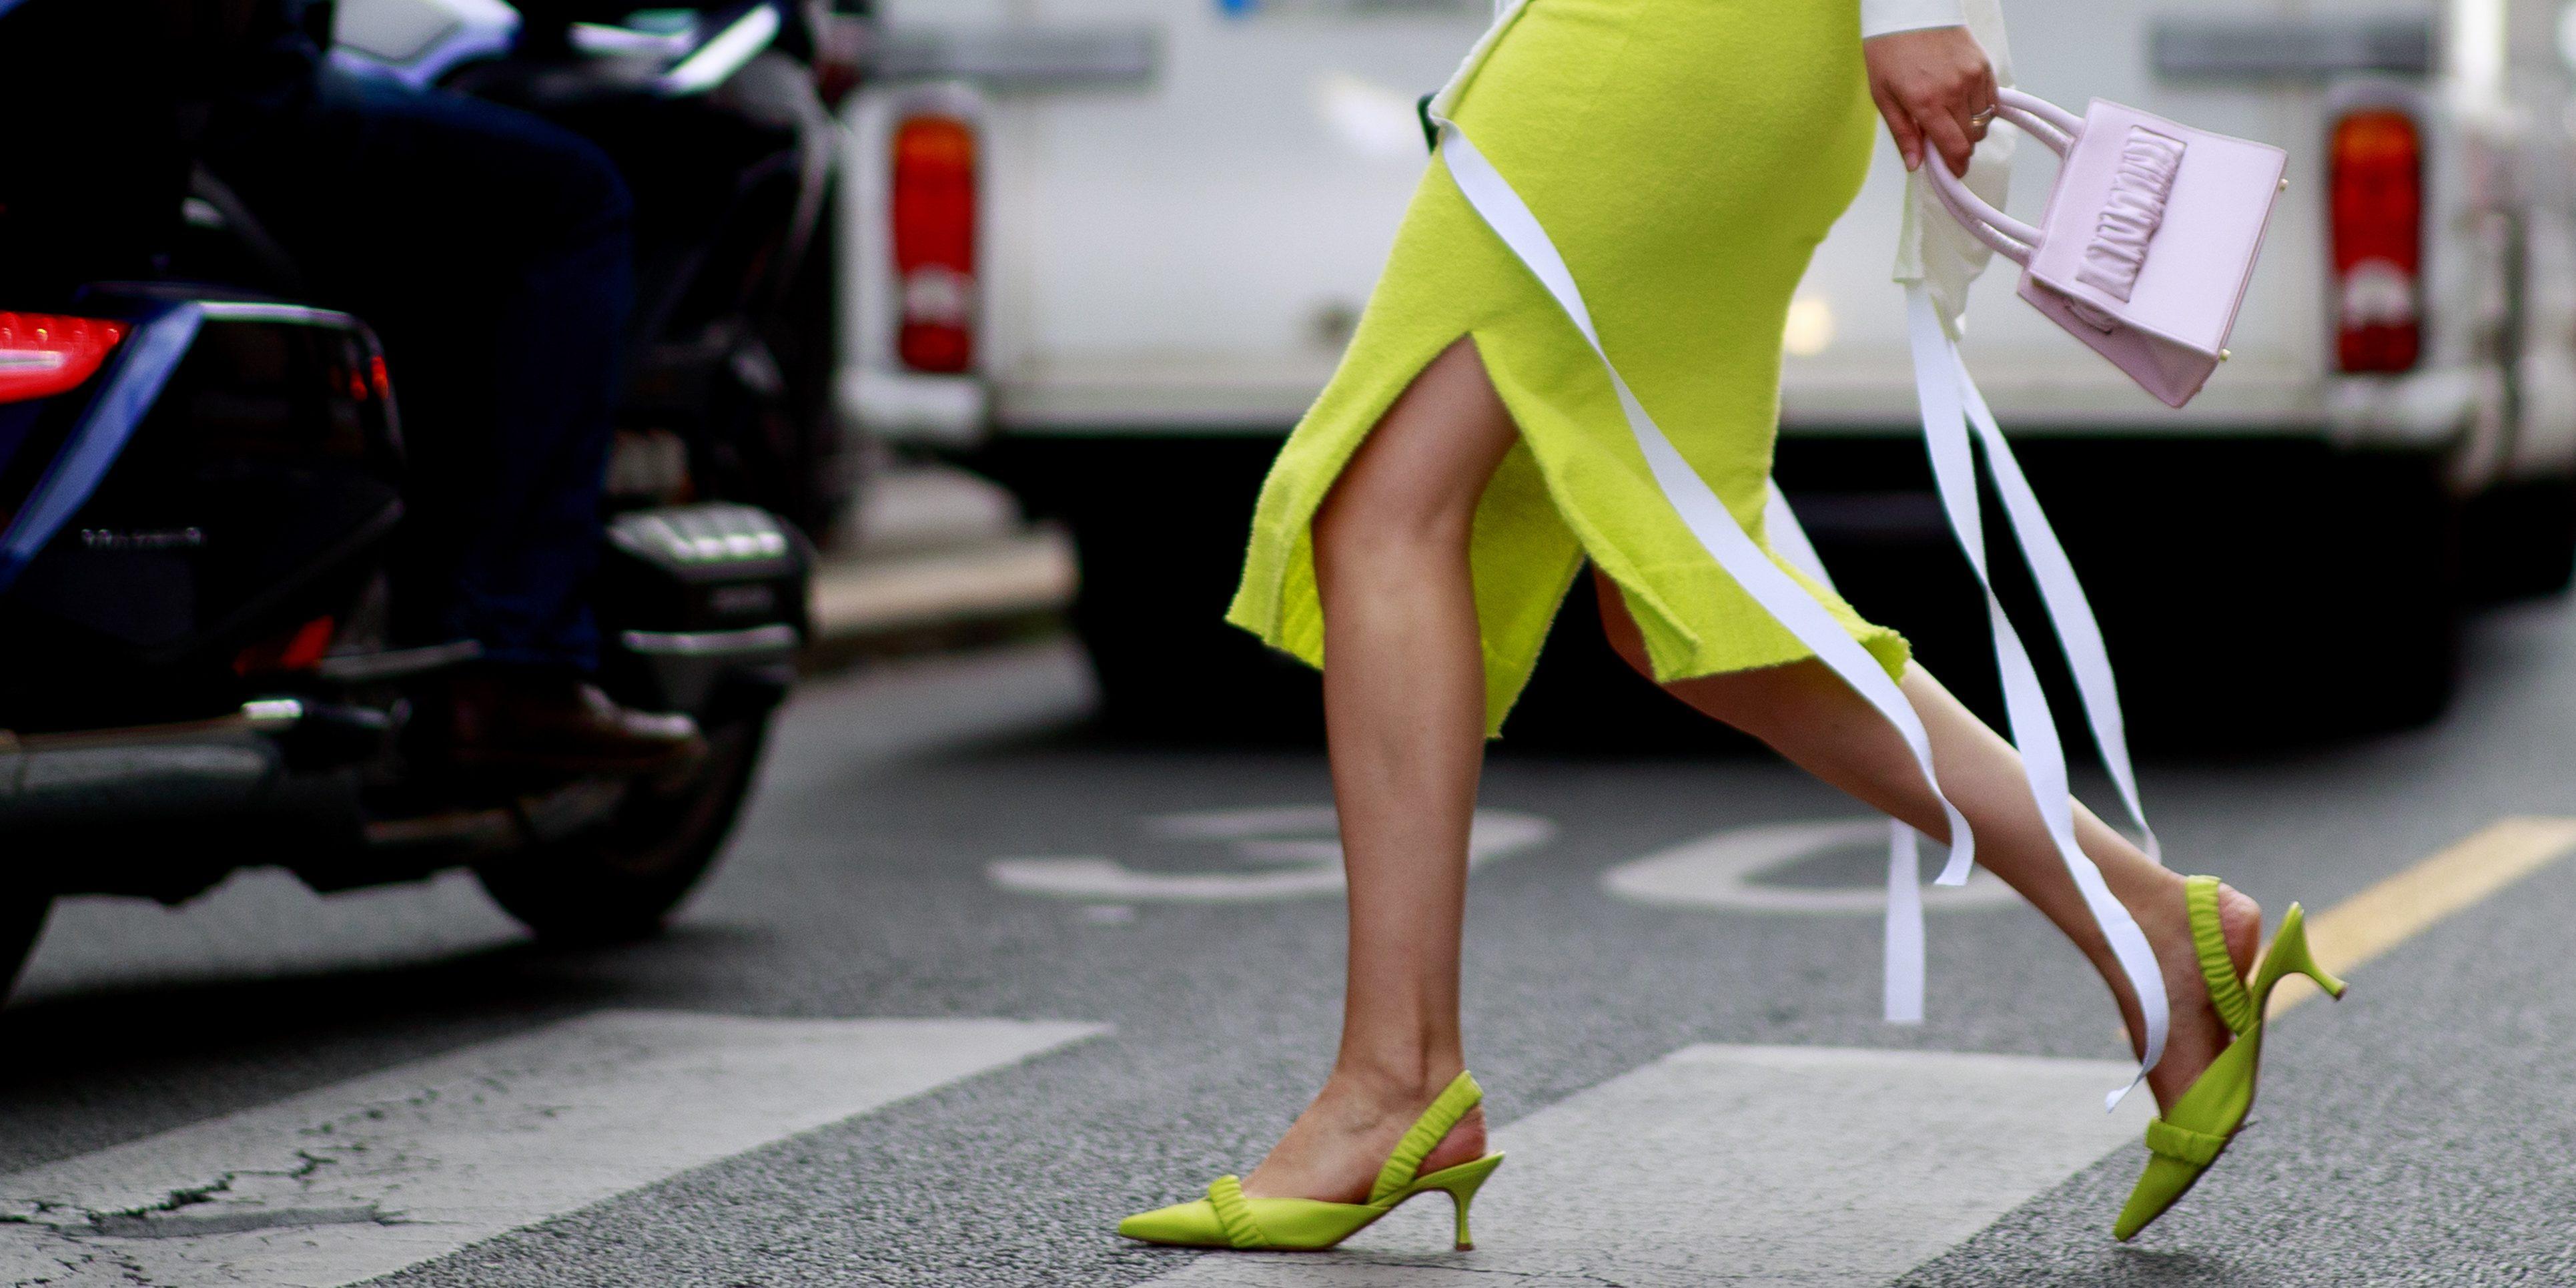 12 ιδέες για να φορέσεις τα low heels κάθε στιγμή της ημέρας (ό,τι πιο άνετο!!) Άφησε για λίγο στην άκρη τα ψηλοτάκουνα πέδιλά σου και επένδυσε σε μοντέλα που θα σου χαρίσουν άνεση και κομψότητα από το πρωί μέχρι το βράδυ.